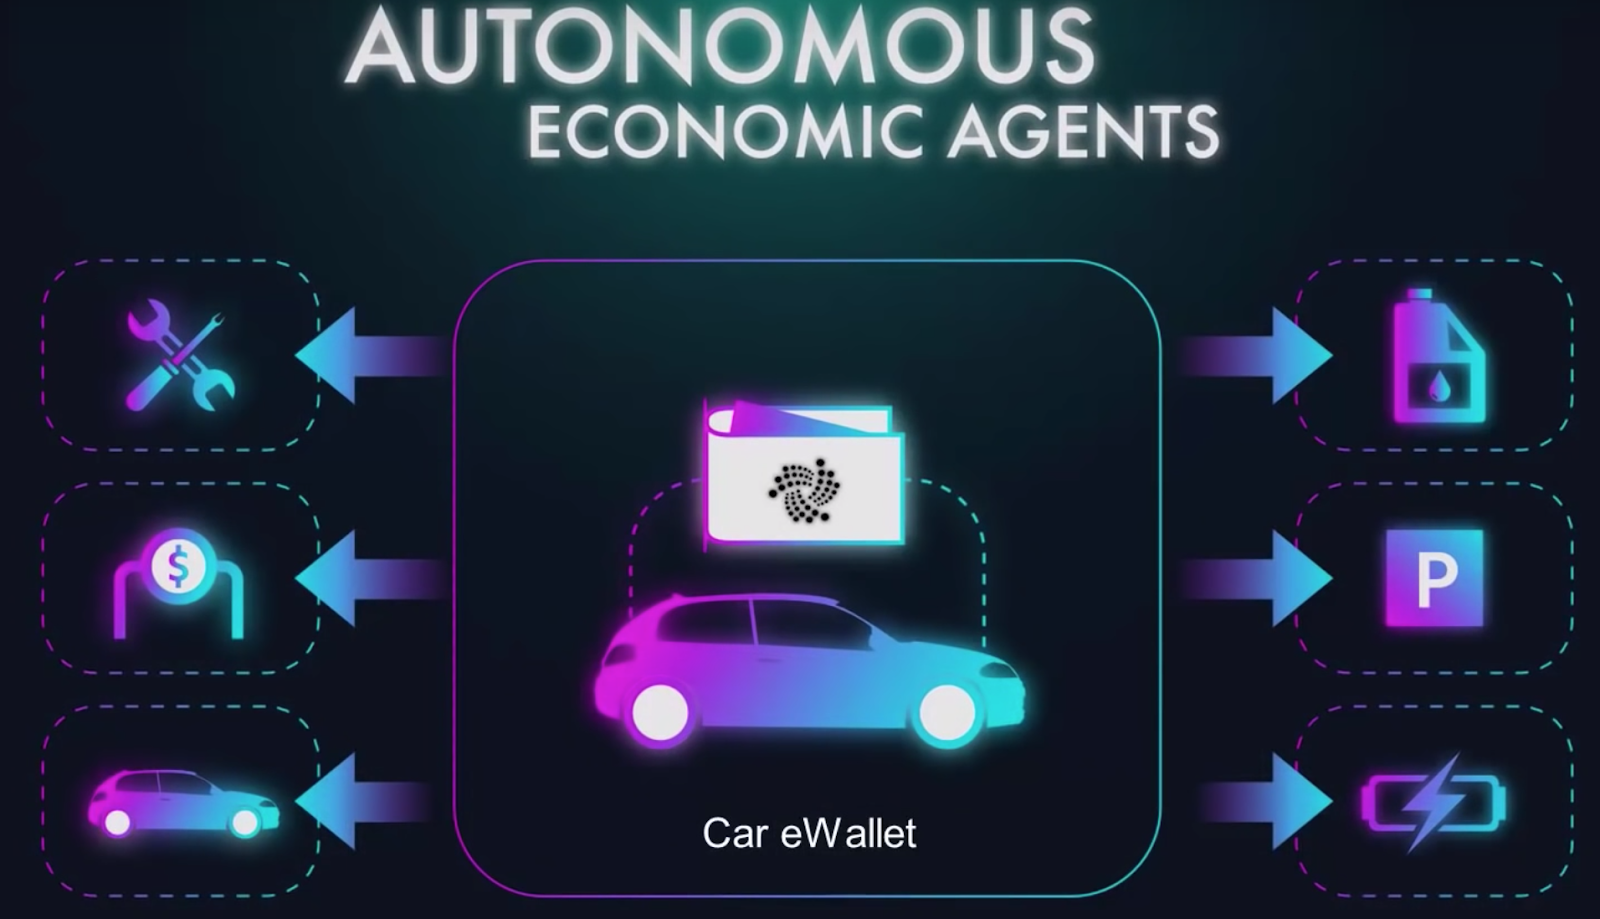 Use-case: Autonomous Economic Agents (automotive example)